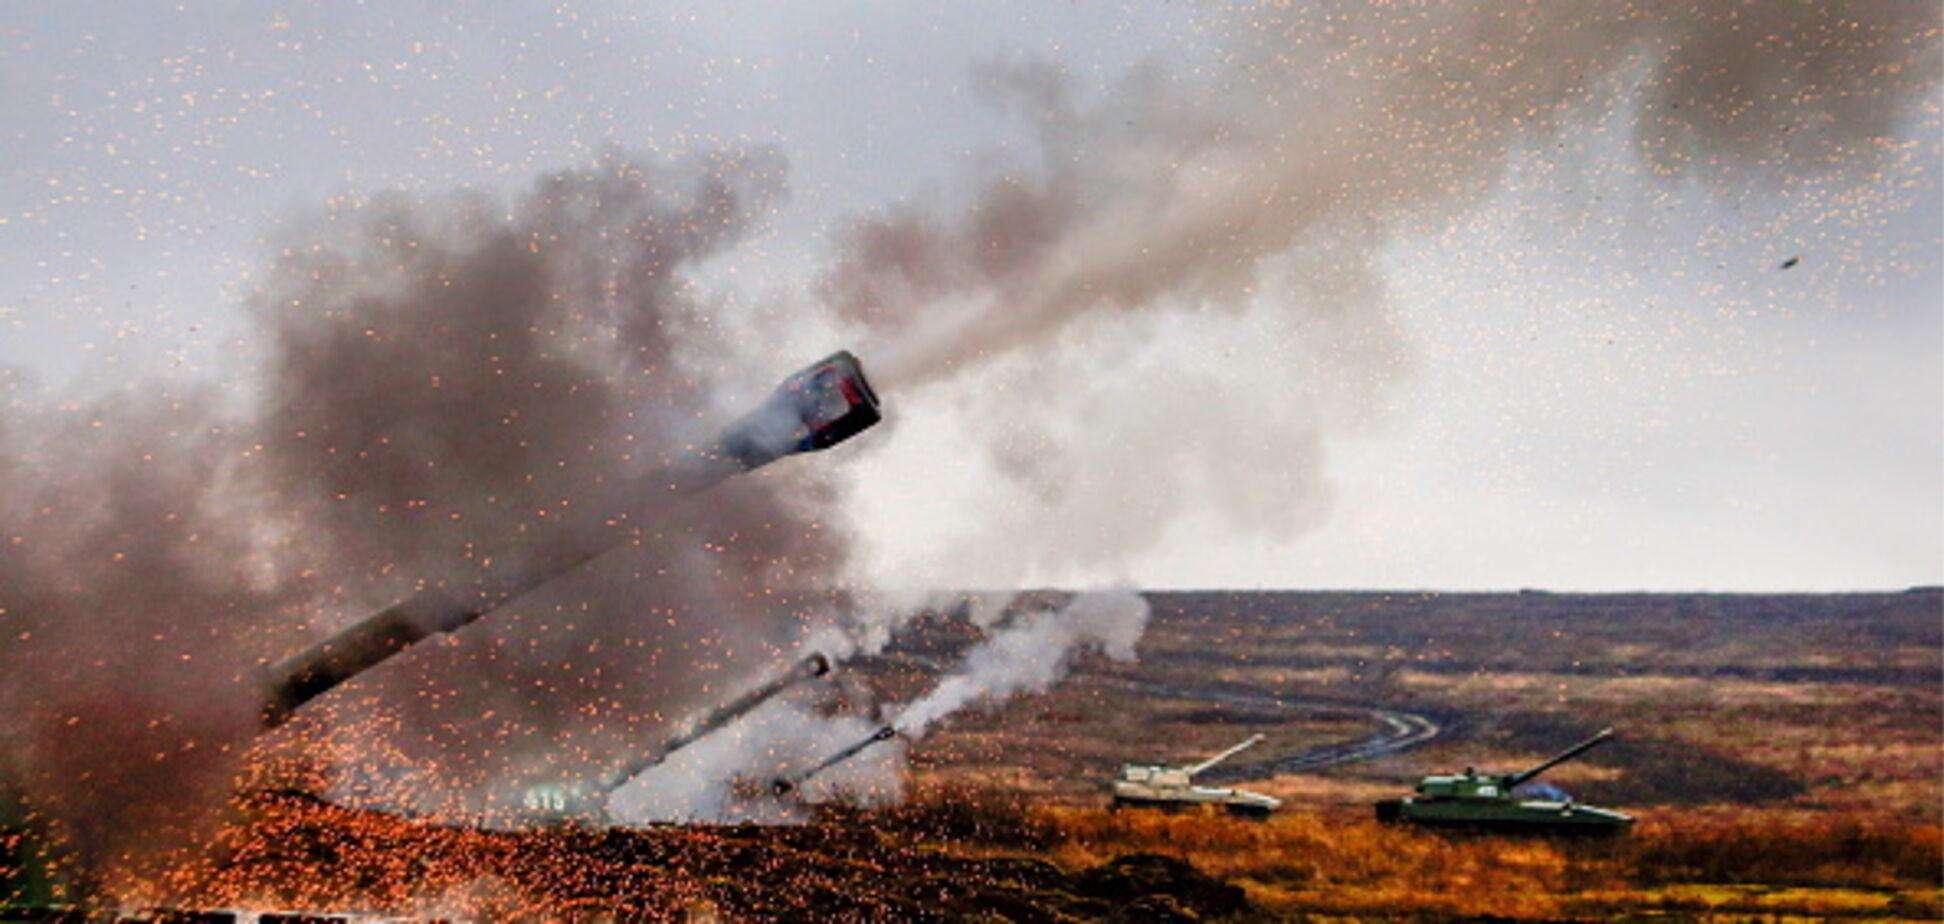 Россия перебрасывает на Донбасс новое неизвестное оружие - ИС